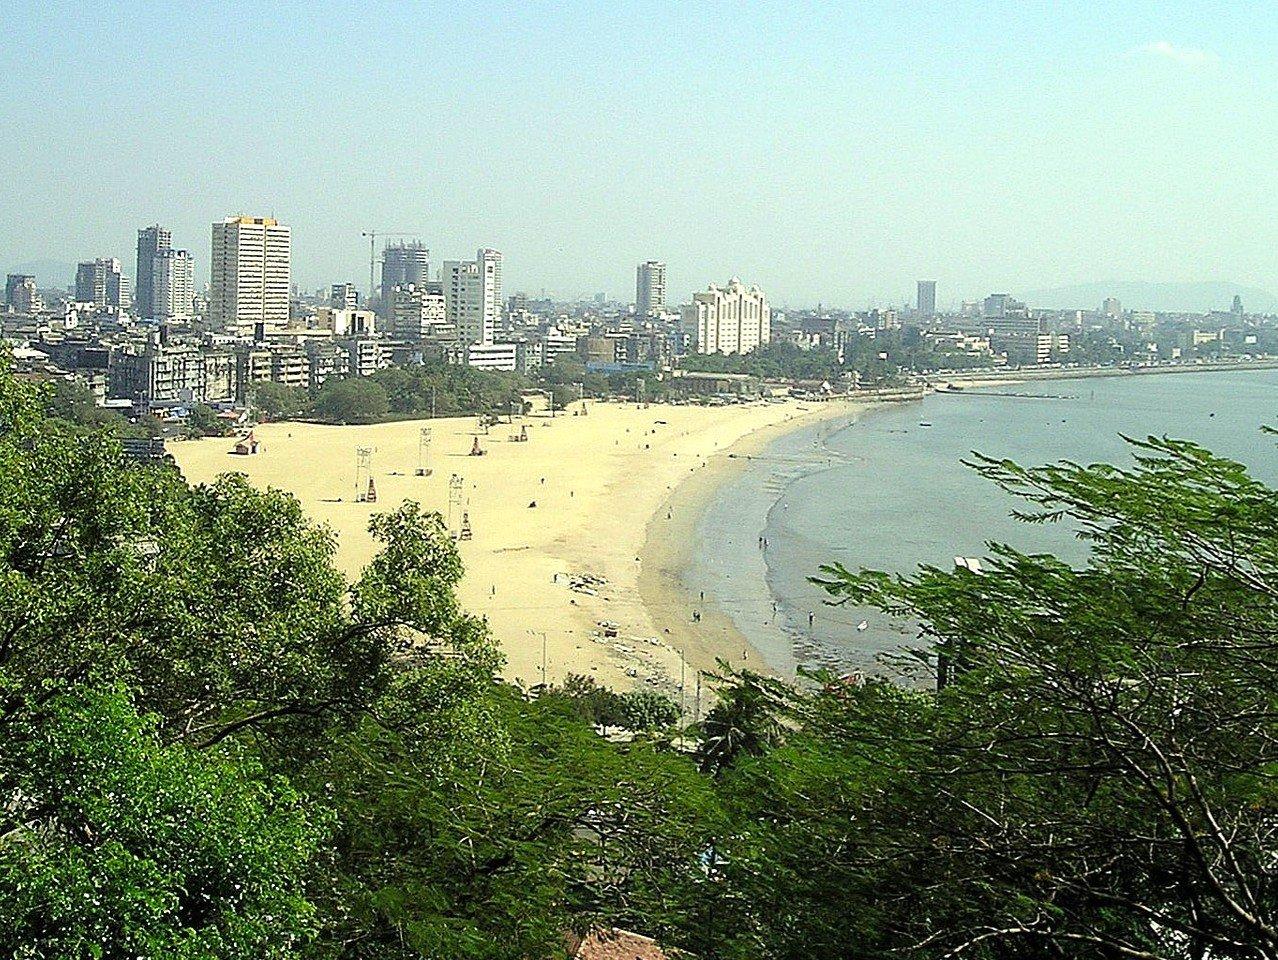 Juhu Beach in Mumbai